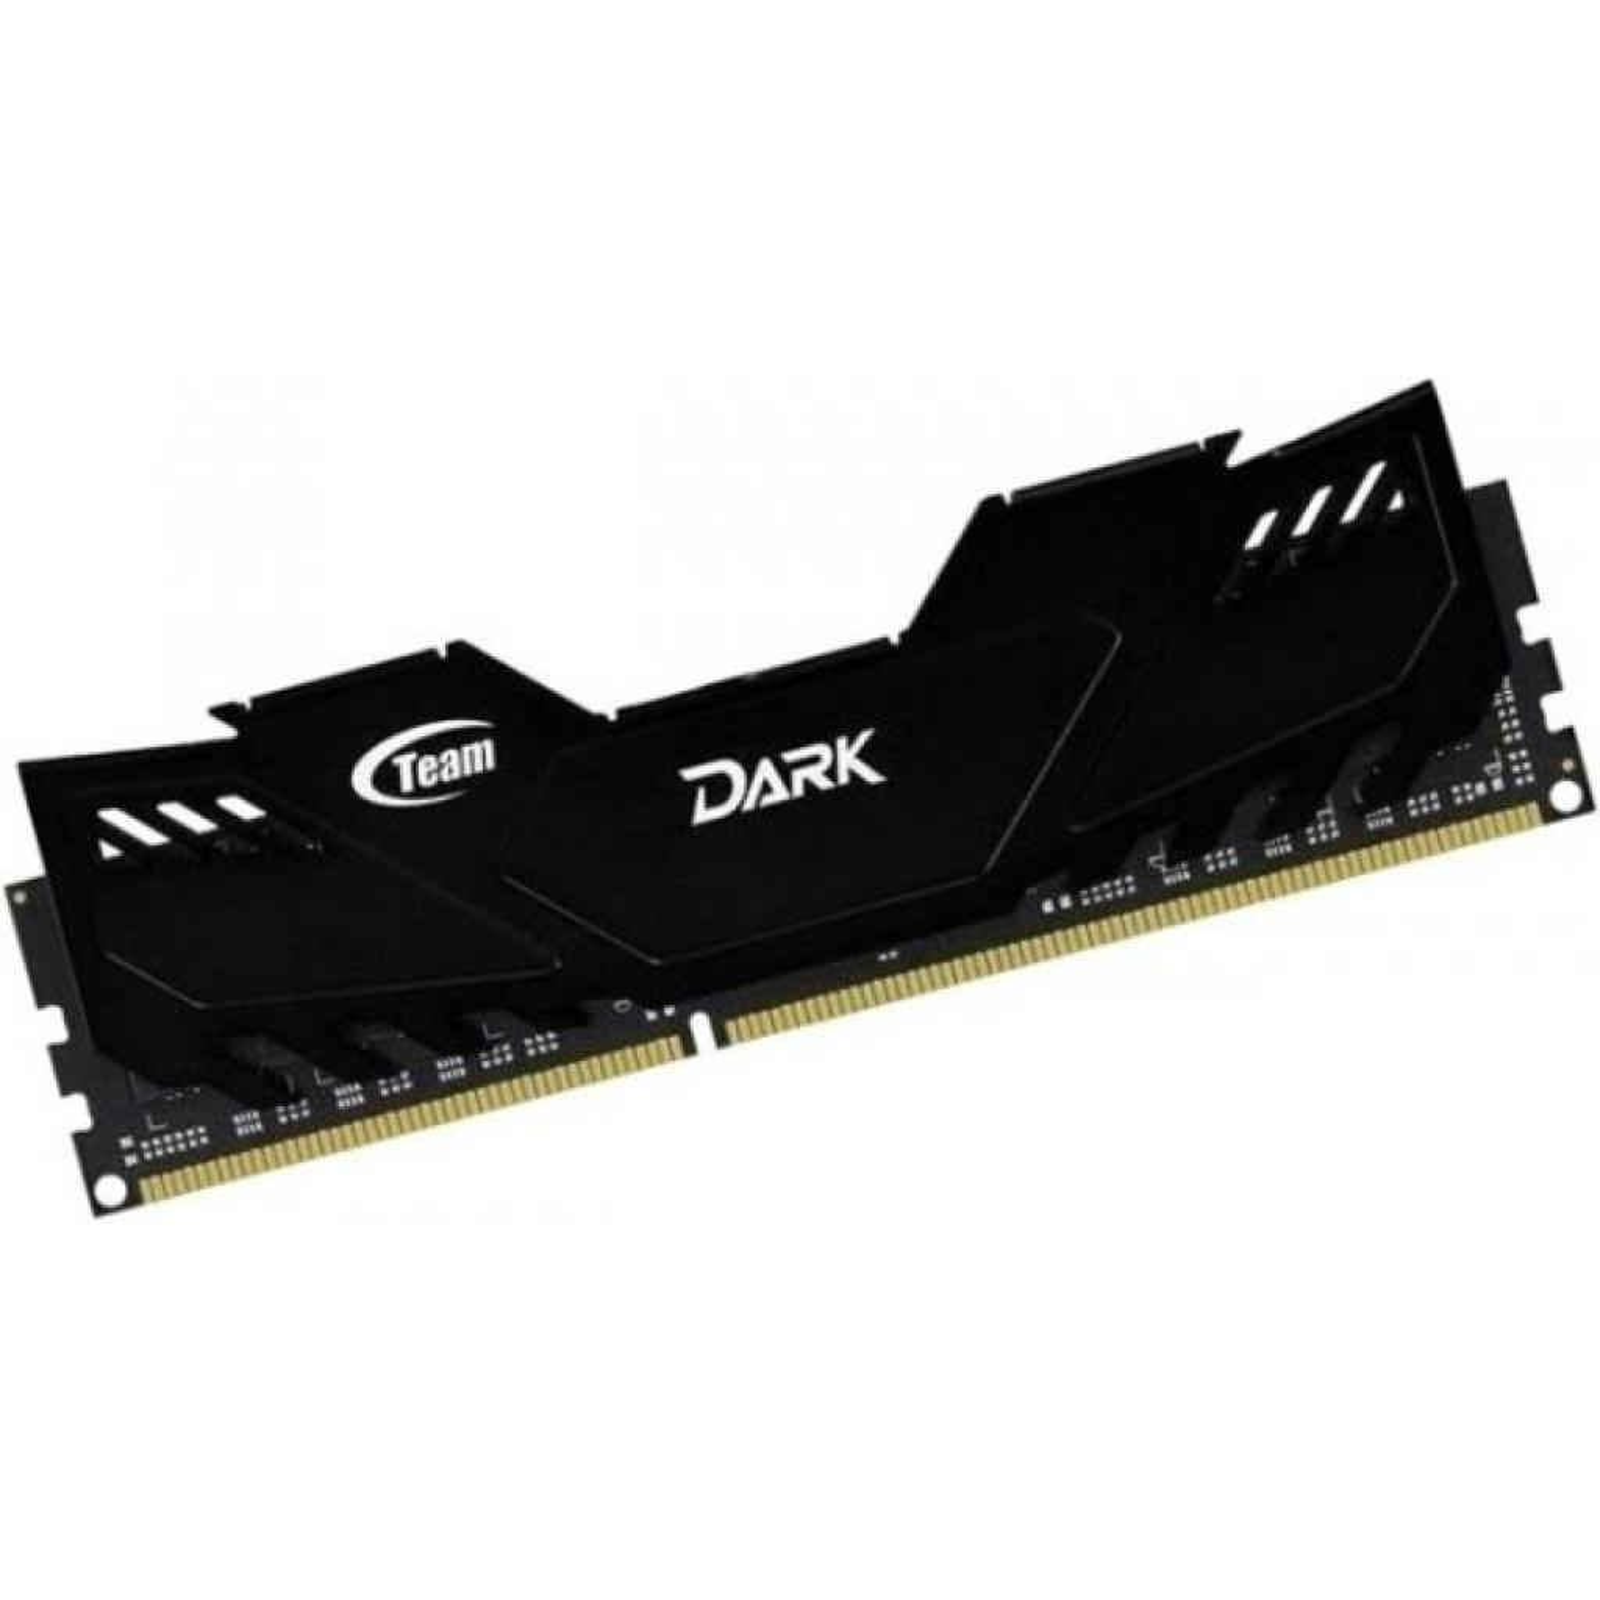 Модуль памяти для компьютера DDR4 8GB (2x4GB) 2666 MHz Dark Black Team (TDKED48G2666HC15ADC01) изображение 3